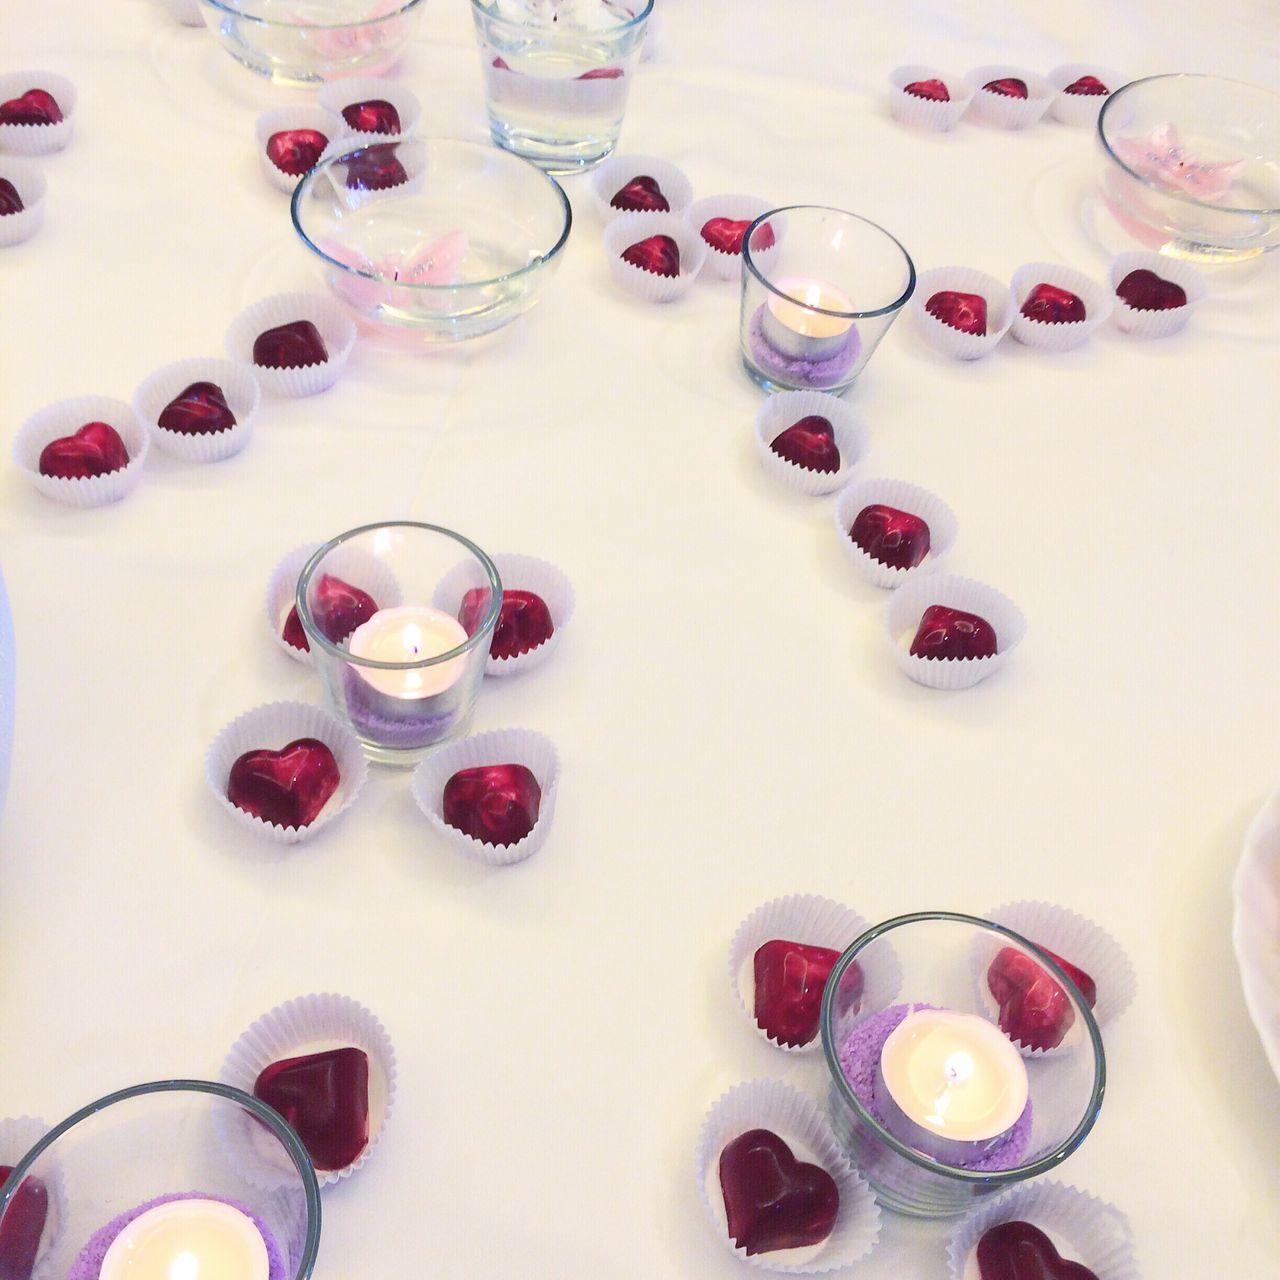 Wedding Wedding Photography Wedding Day Wedding Party Wedding Table Chocolate Chocolate♡